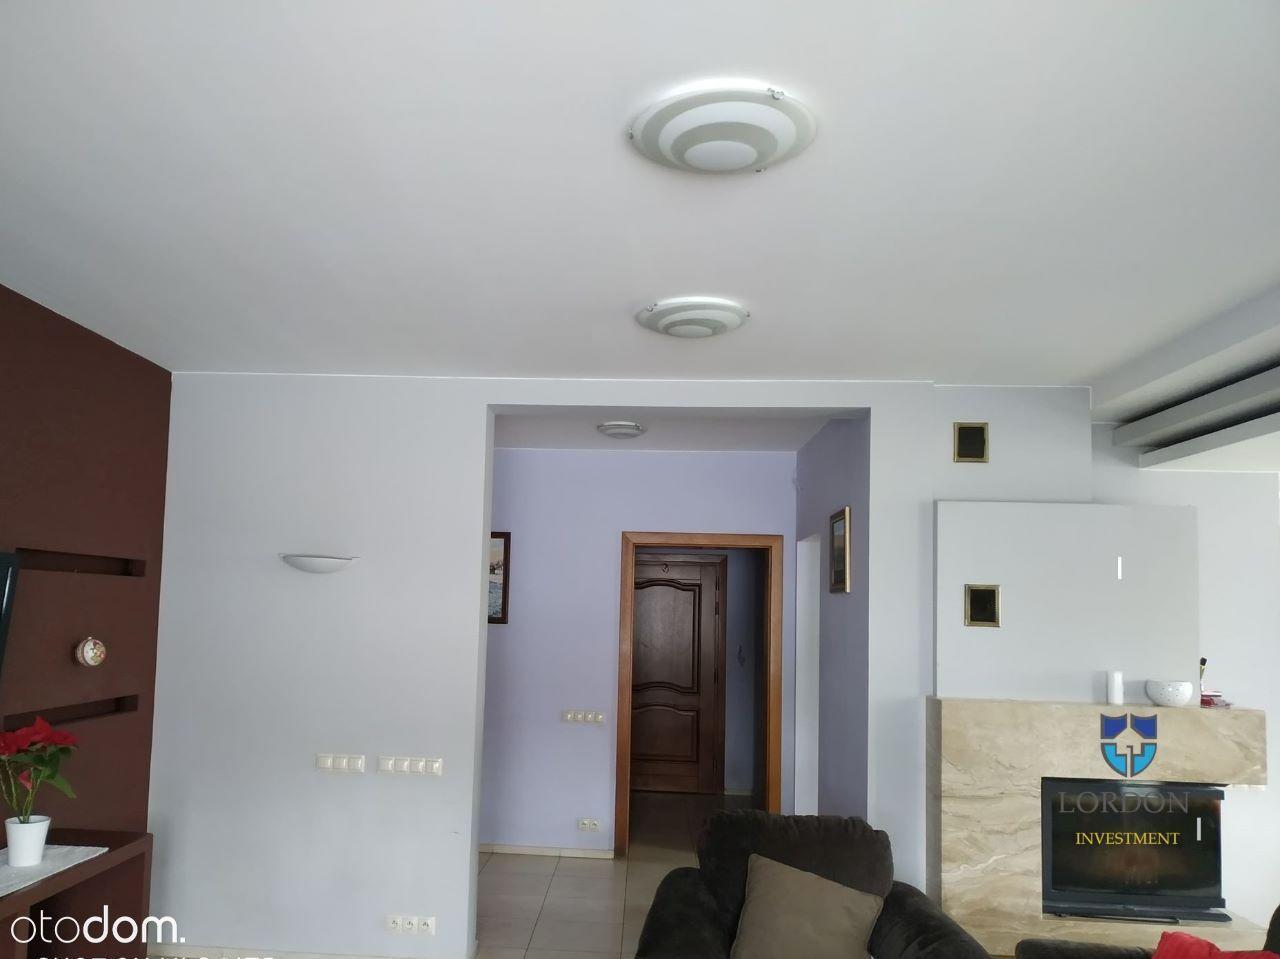 Dom na sprzedaż, Zebrzydowice, cieszyński, śląskie - Foto 11